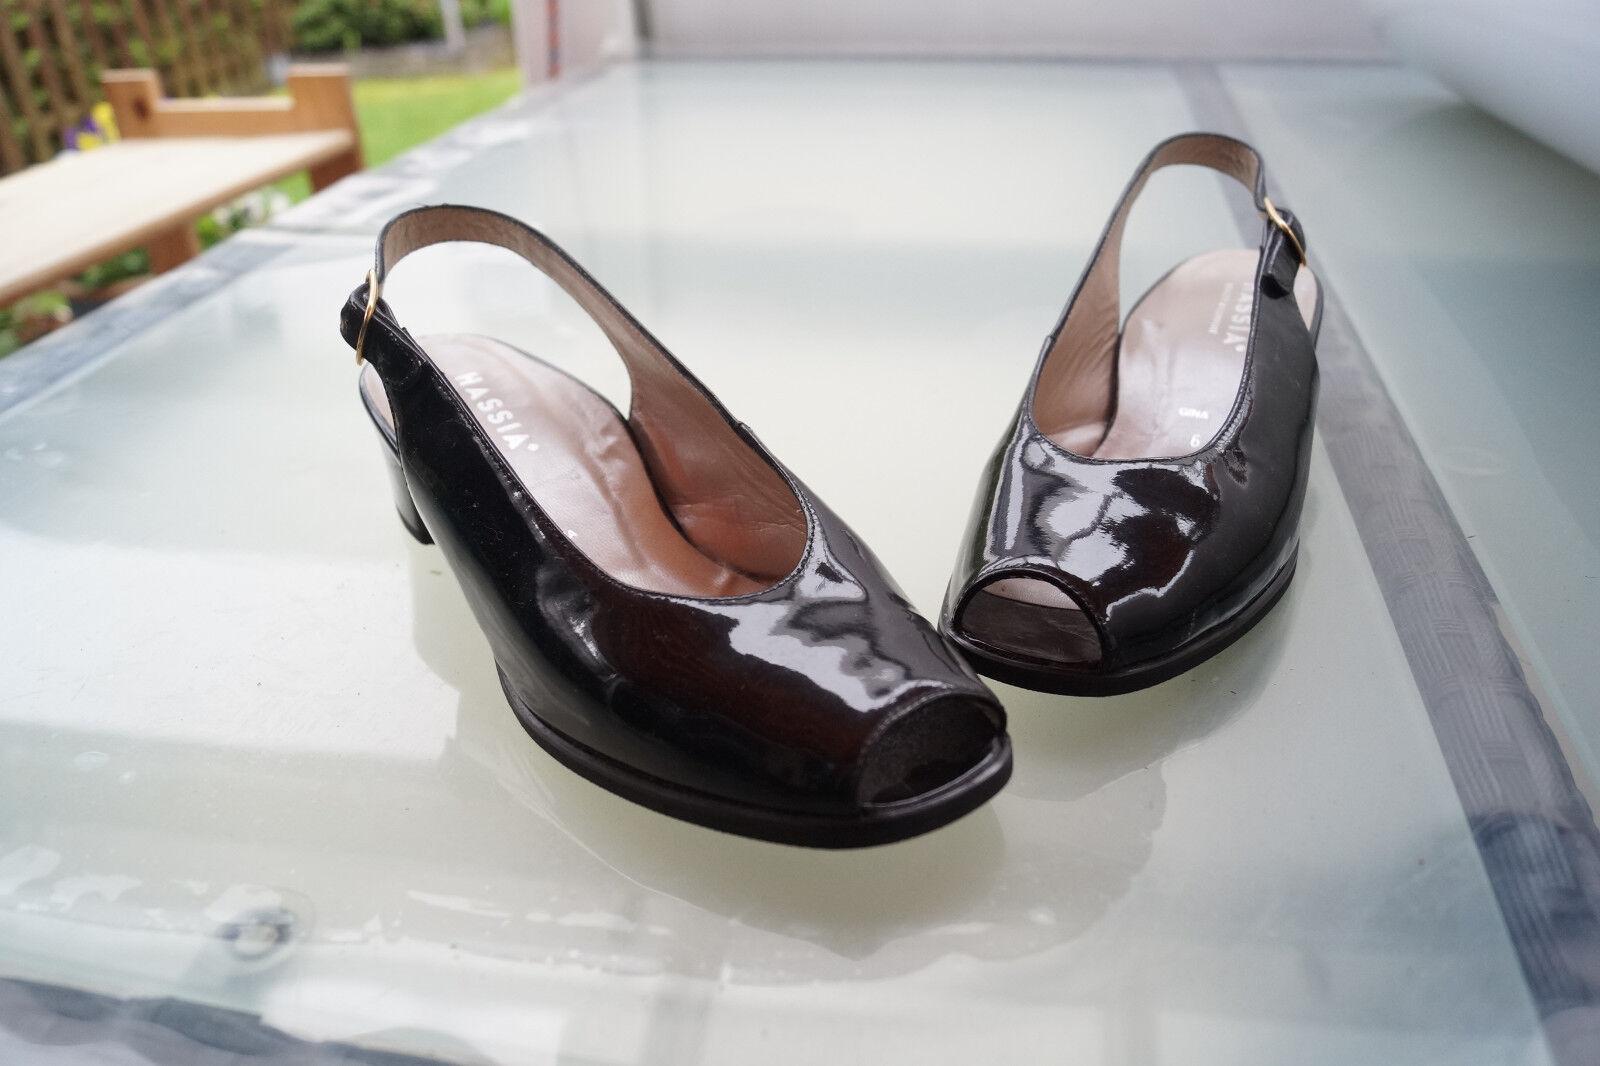 HASSIA Gina Damen Sommer Schuhe Sandalen leder Pumps Gr.6/ 39 lack leder Sandalen schwarz #80 bb58b0